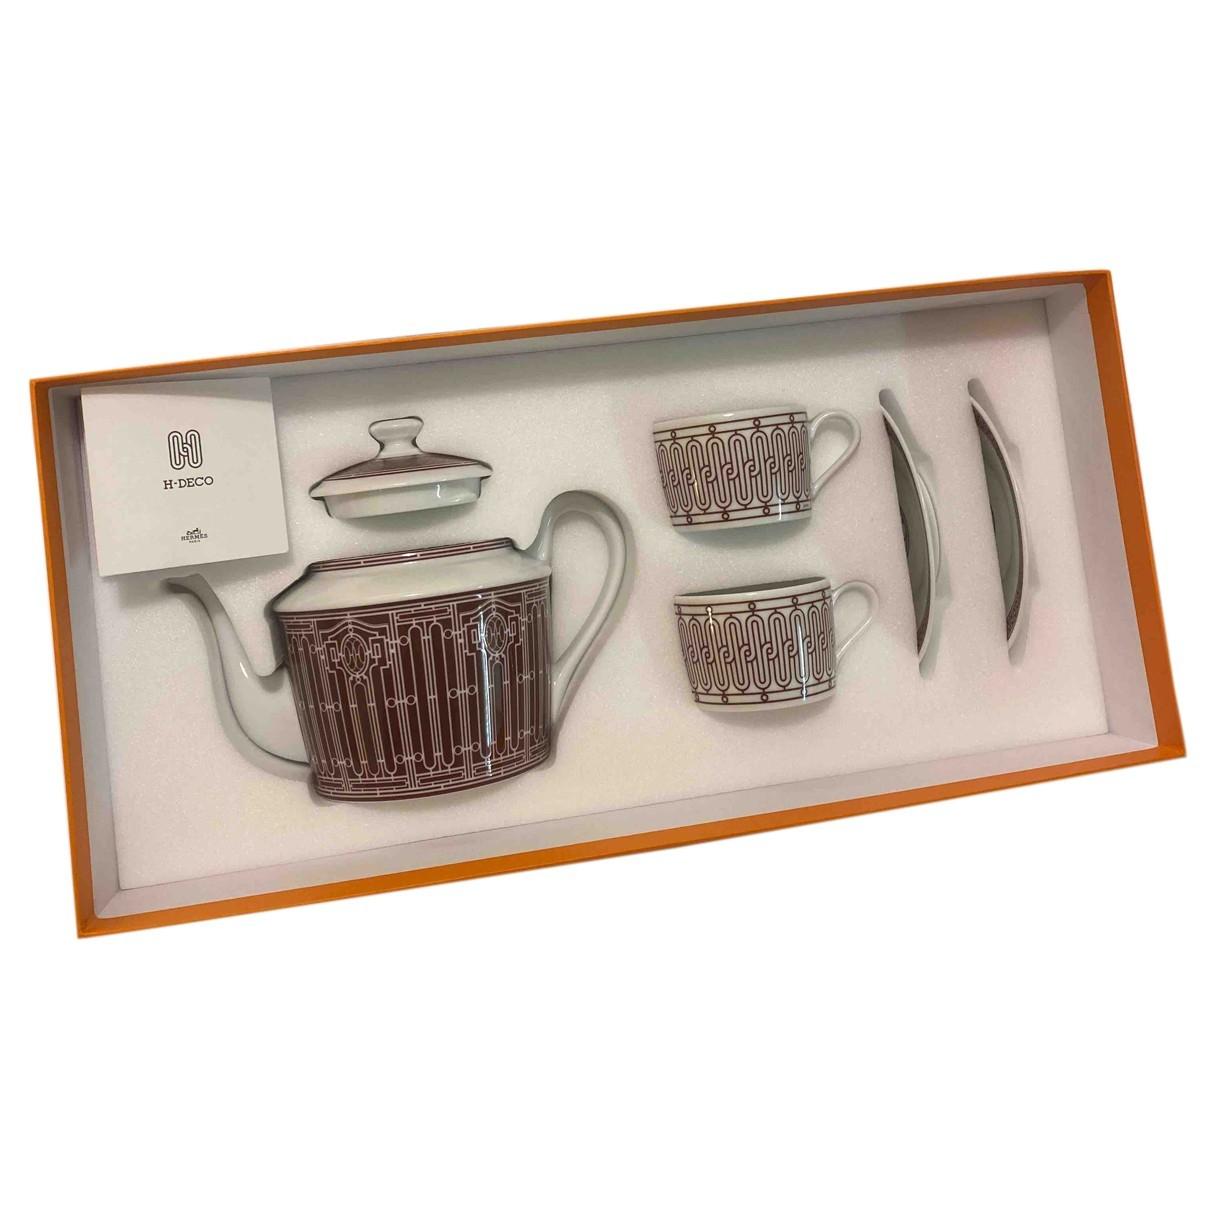 Juego de te/cafe H Deco de Porcelana Hermes